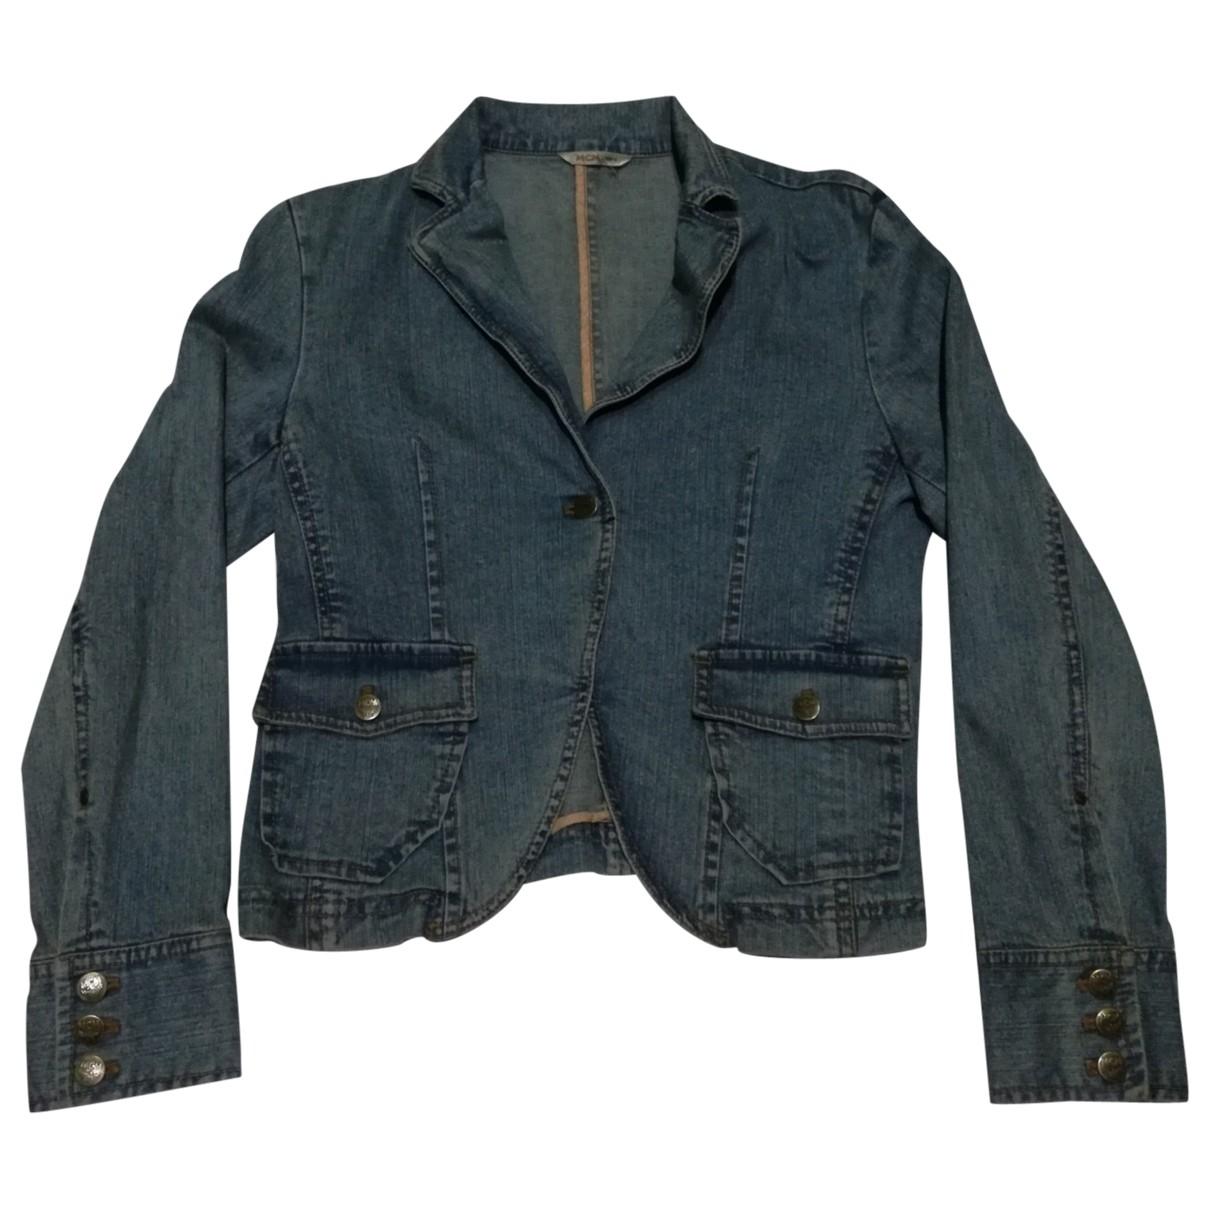 Mcm \N Jacke in  Blau Denim - Jeans